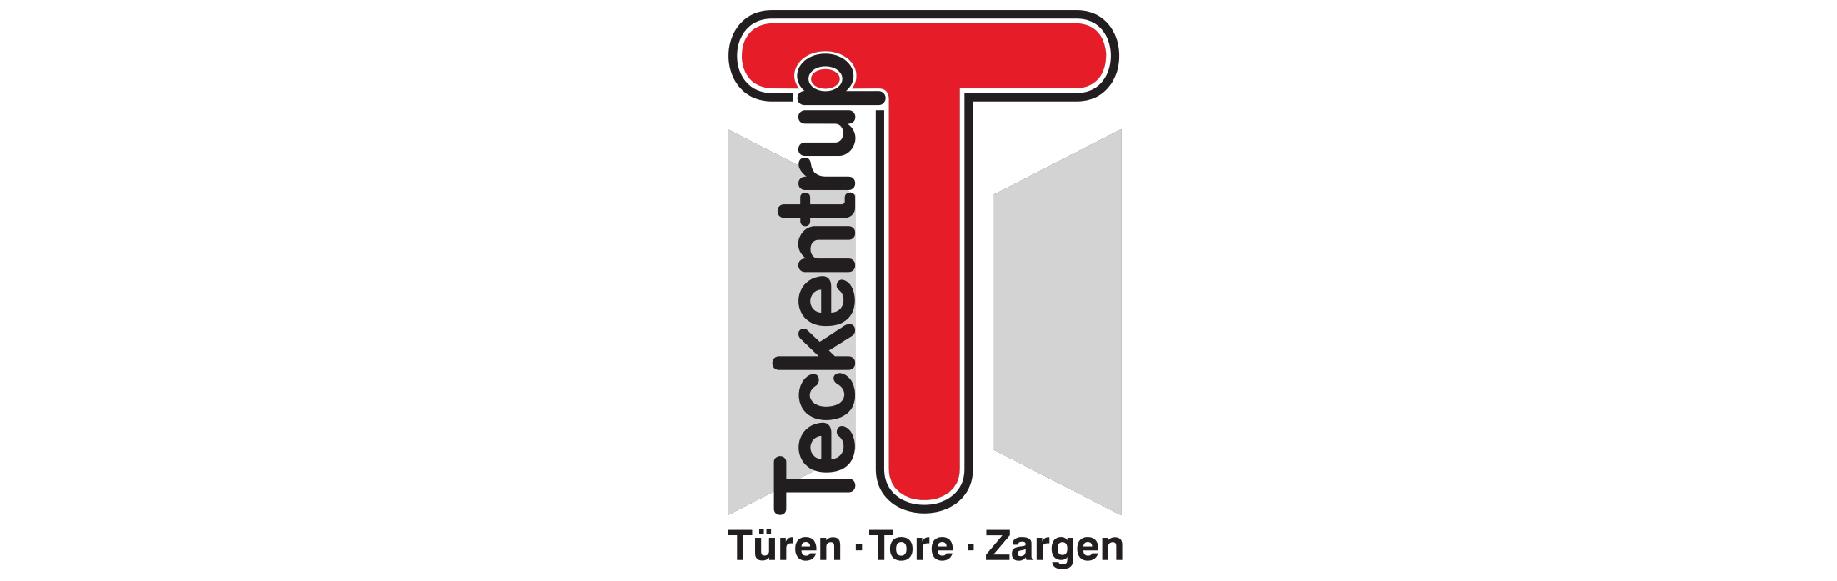 Teckentrup_logo